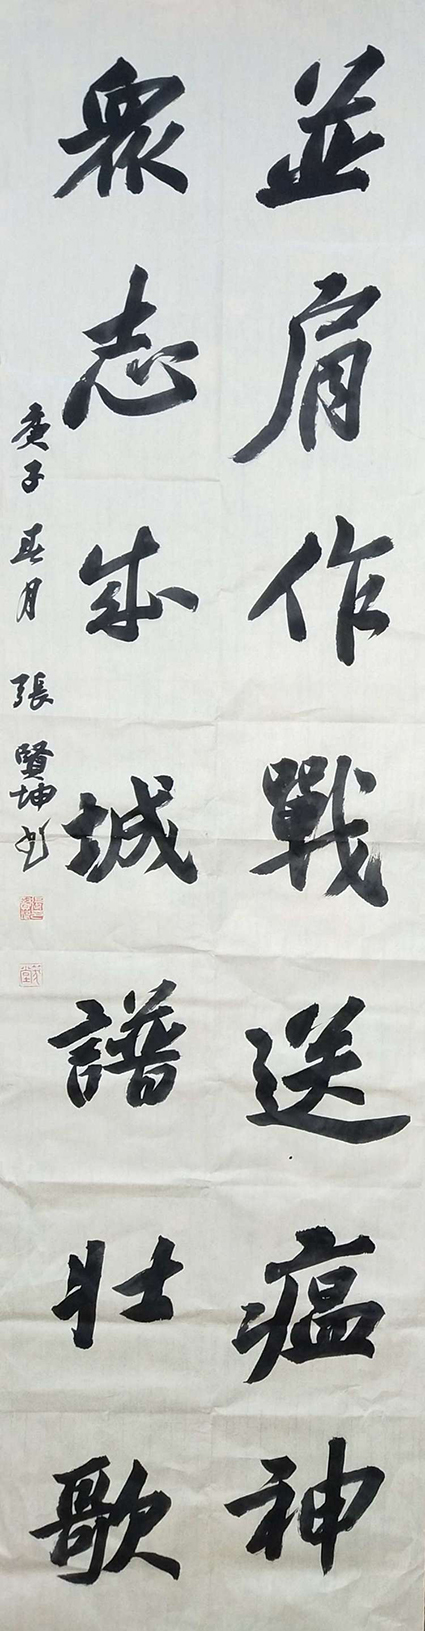 張賢坤並肩膀作戰送瘟神,眾誌成城譜壯歌。